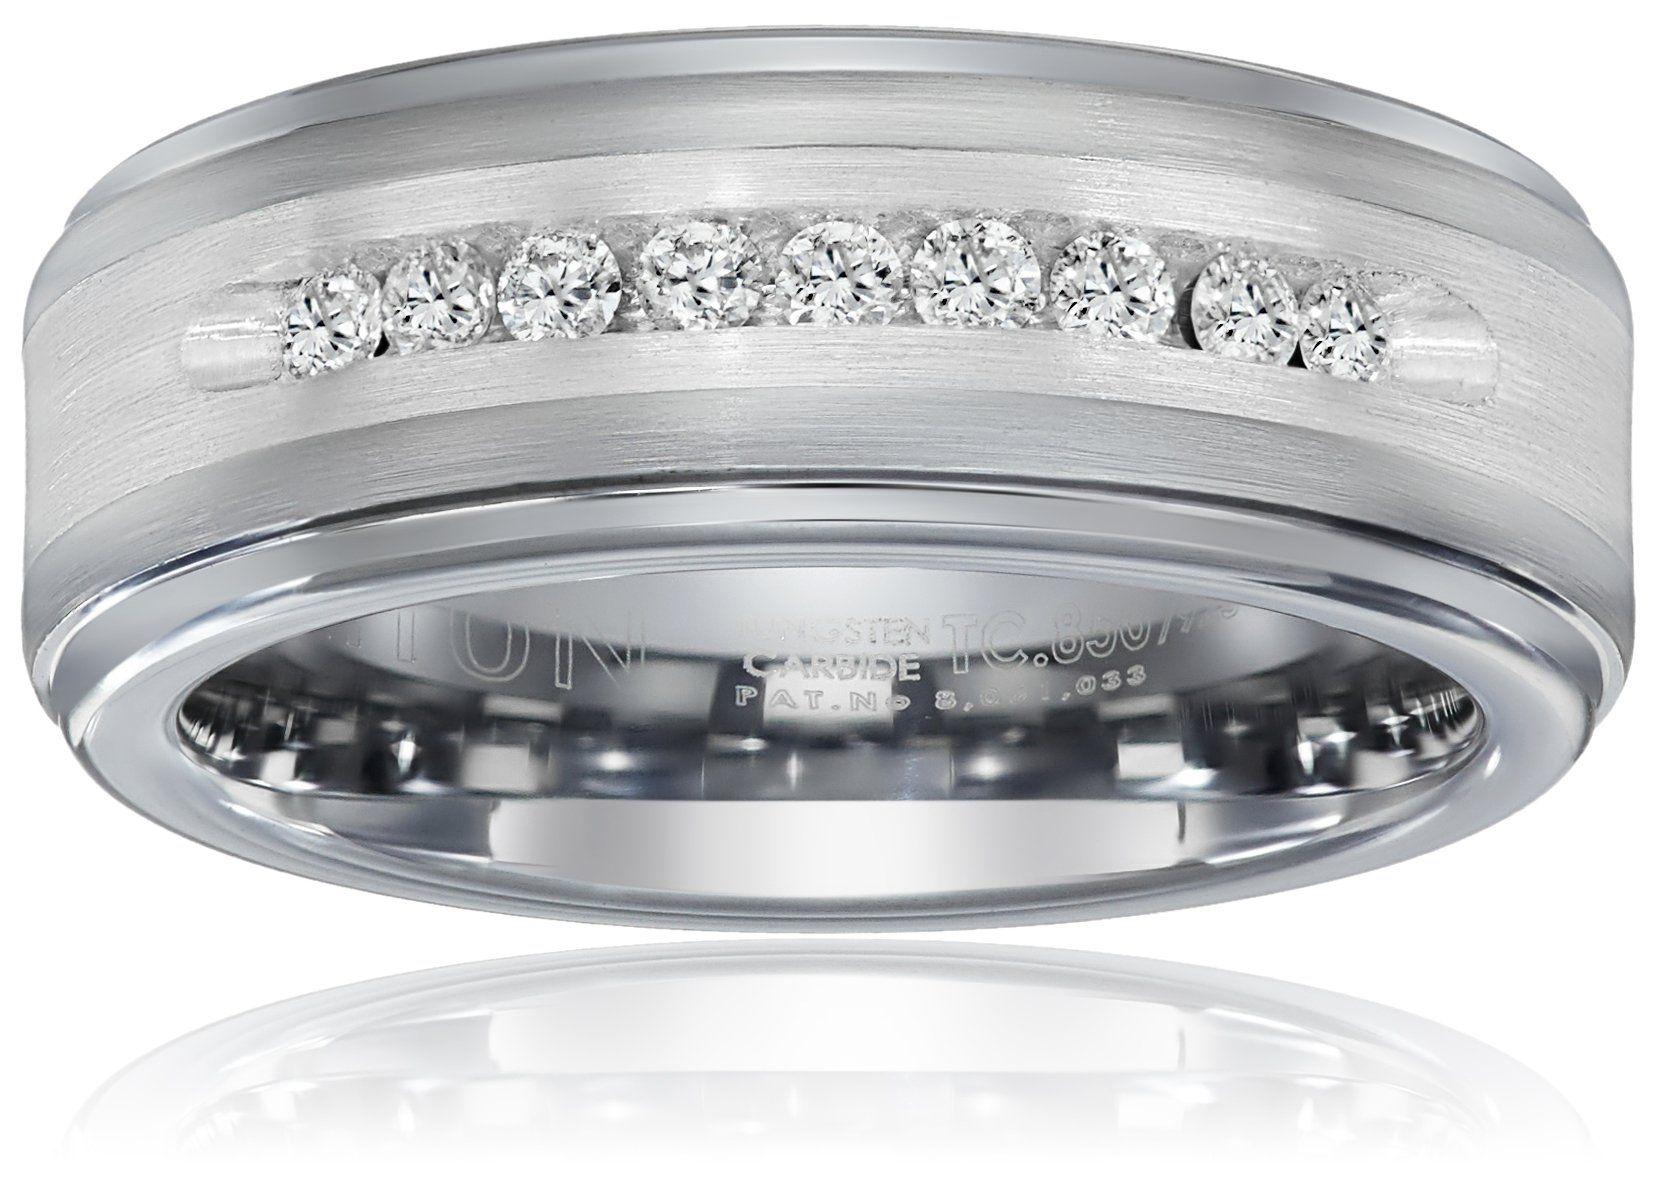 Triton Men's Tungsten and Silver 8mm Comfort Fit Diamond